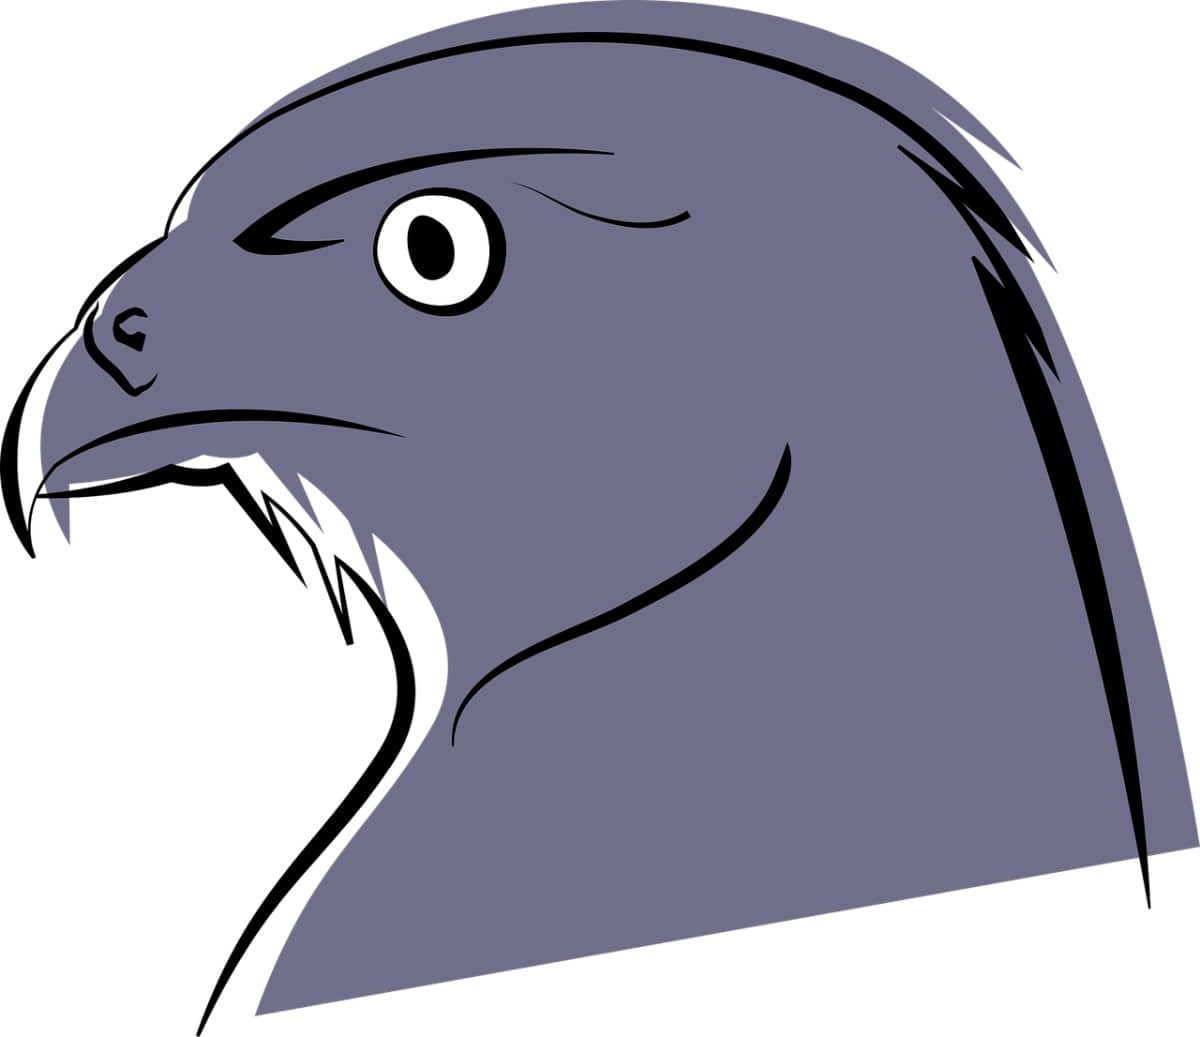 El halcón tiene vista de lince